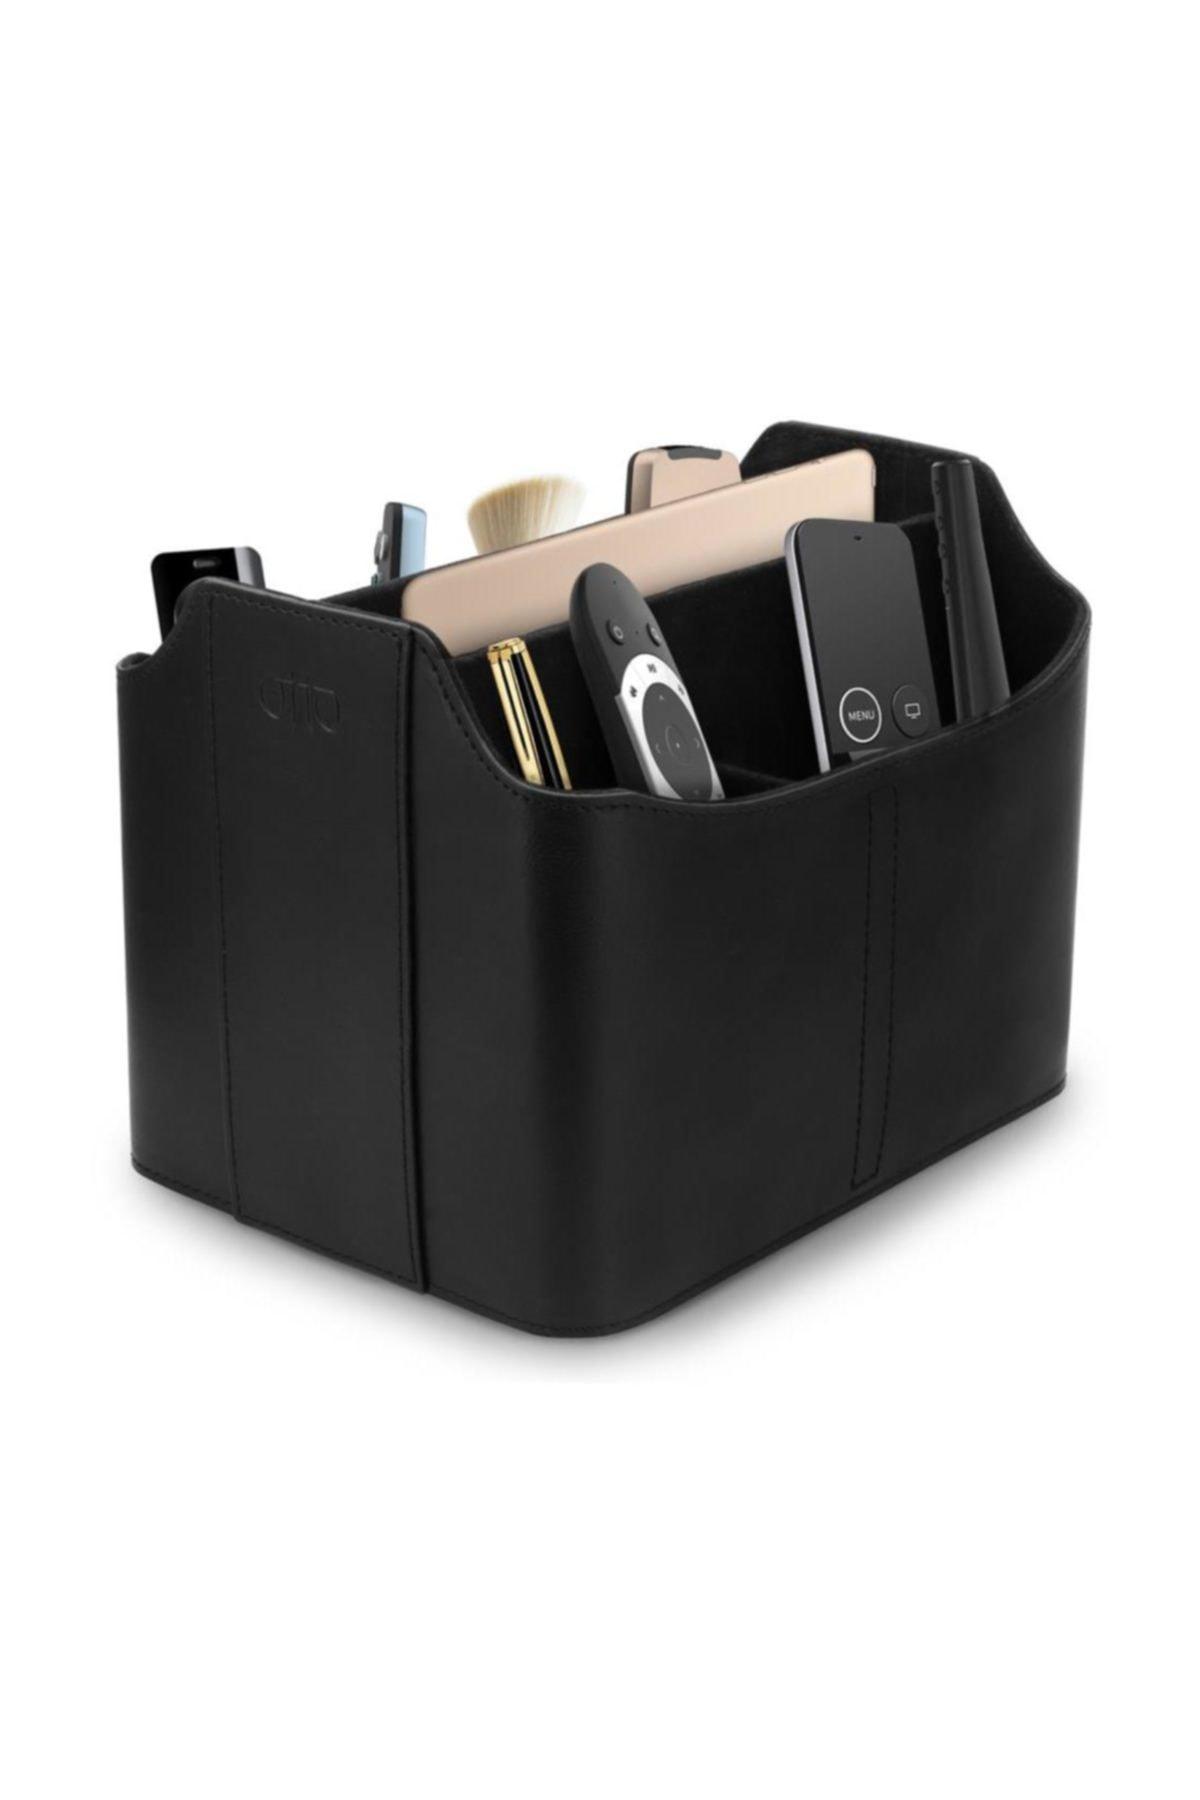 Otto Kumandalık Ve Modern Tasarımlı Organizer Tablet Bölmeli